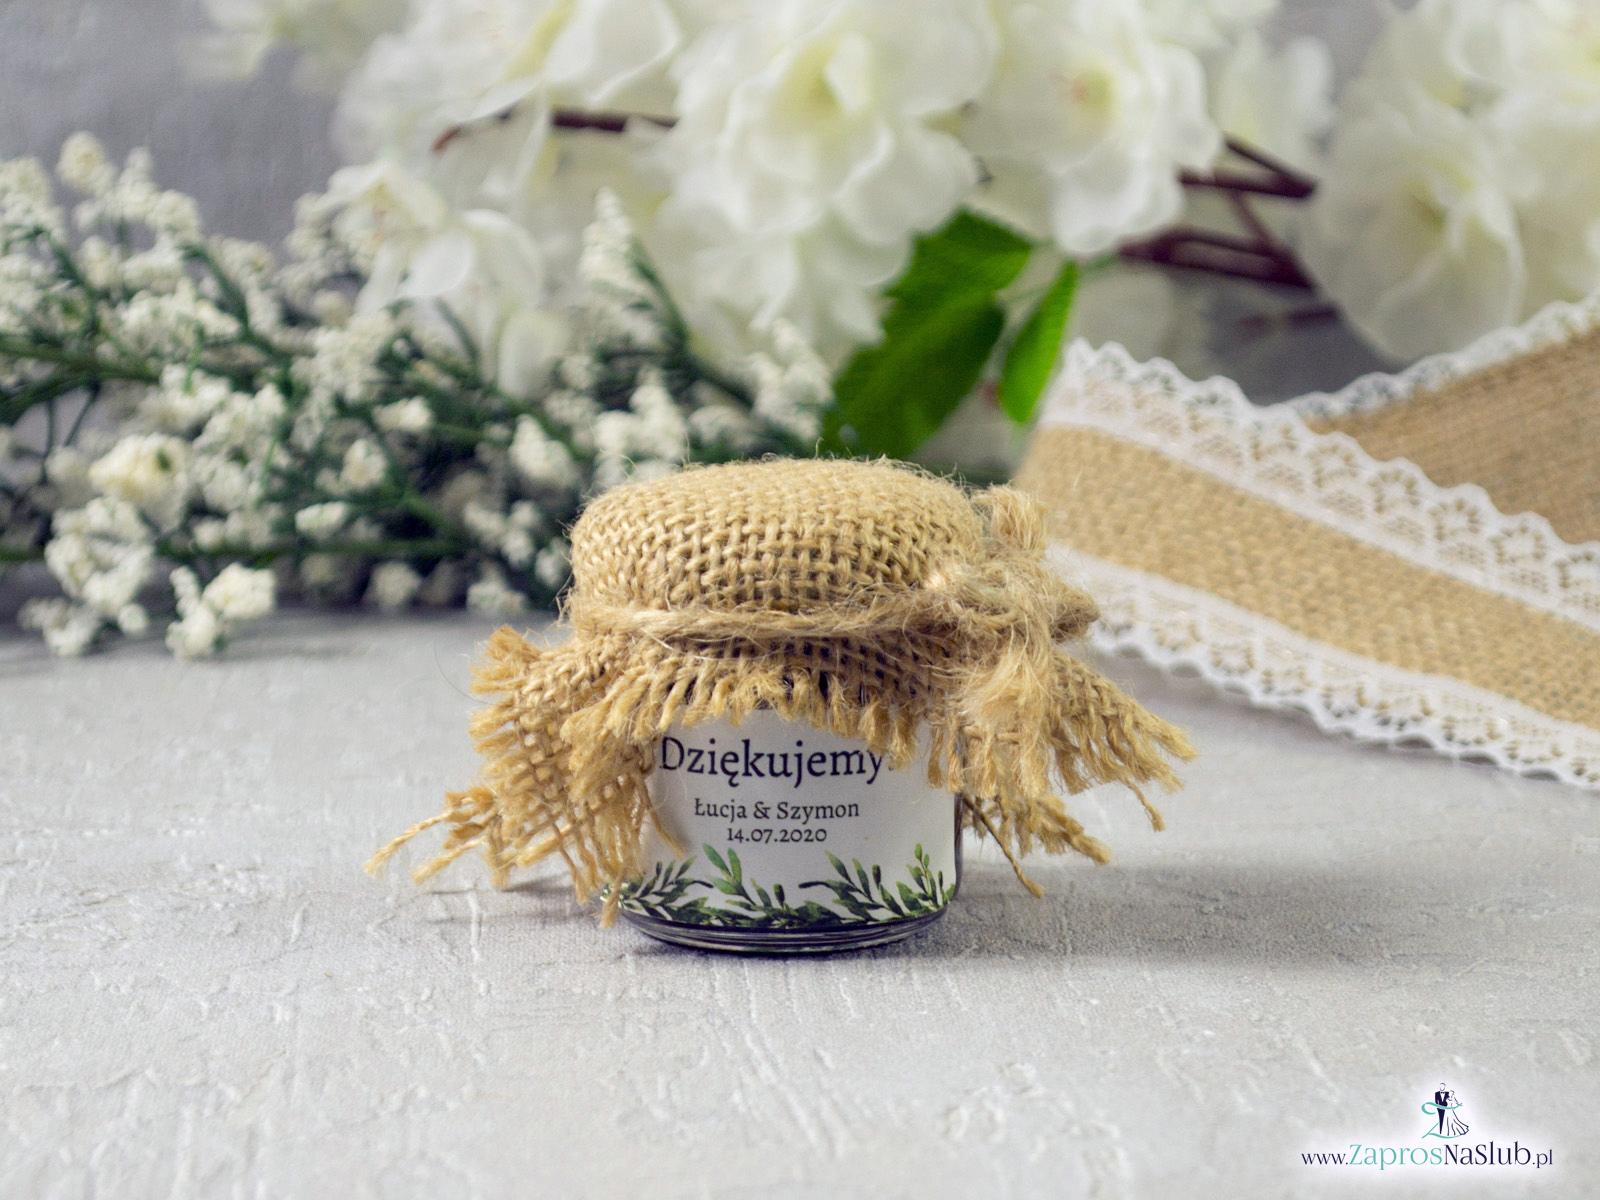 Słoiczek na miód lub dżem z etykietą w stylu rustykalnym z taśmą jutową oraz sznurkiem eko 40ml